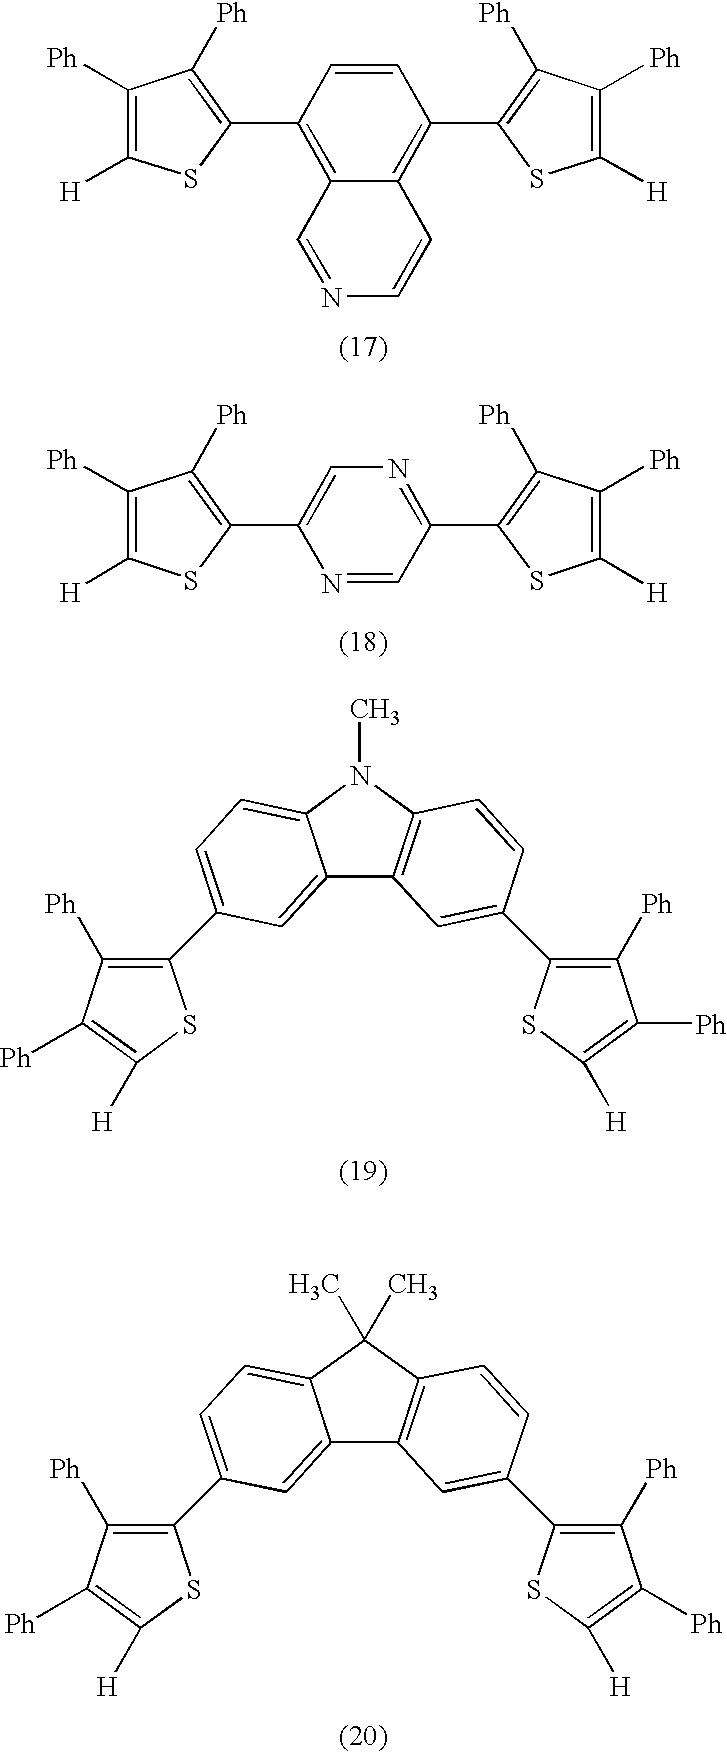 Figure US07871714-20110118-C00010